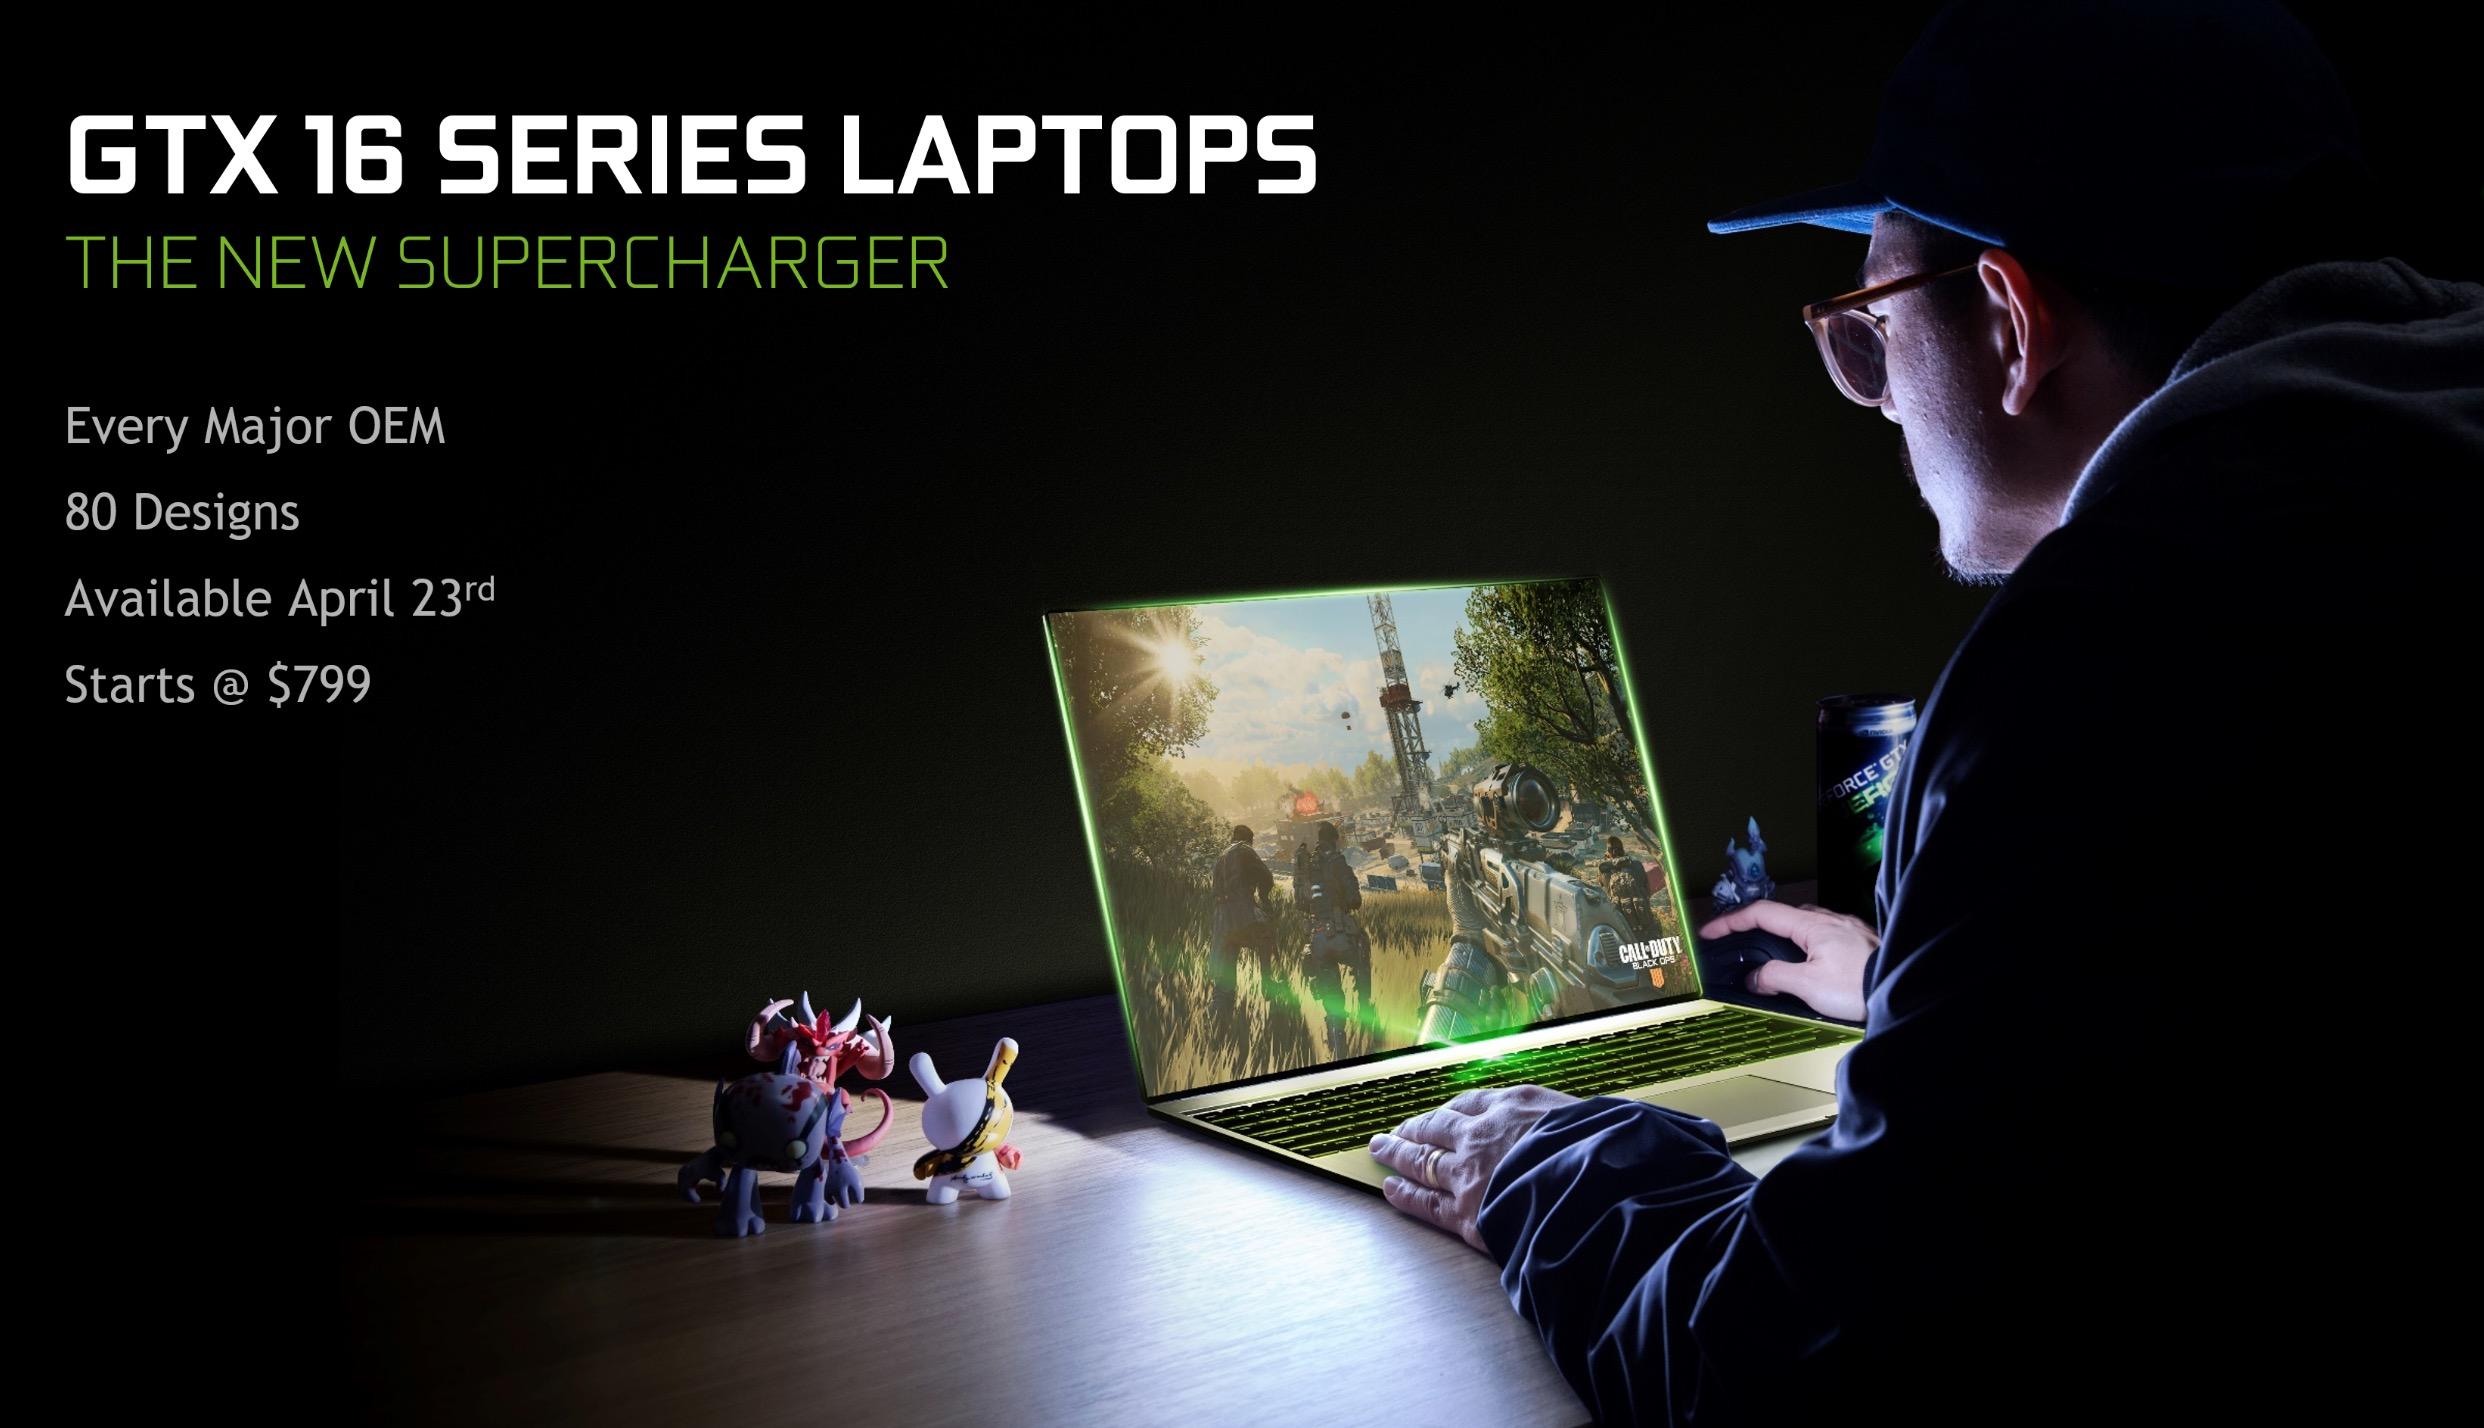 NVIDIA công bố sẽ có 80 mẫu laptop sử dụng card màn hình GTX 1650 và 1660 Ti mới